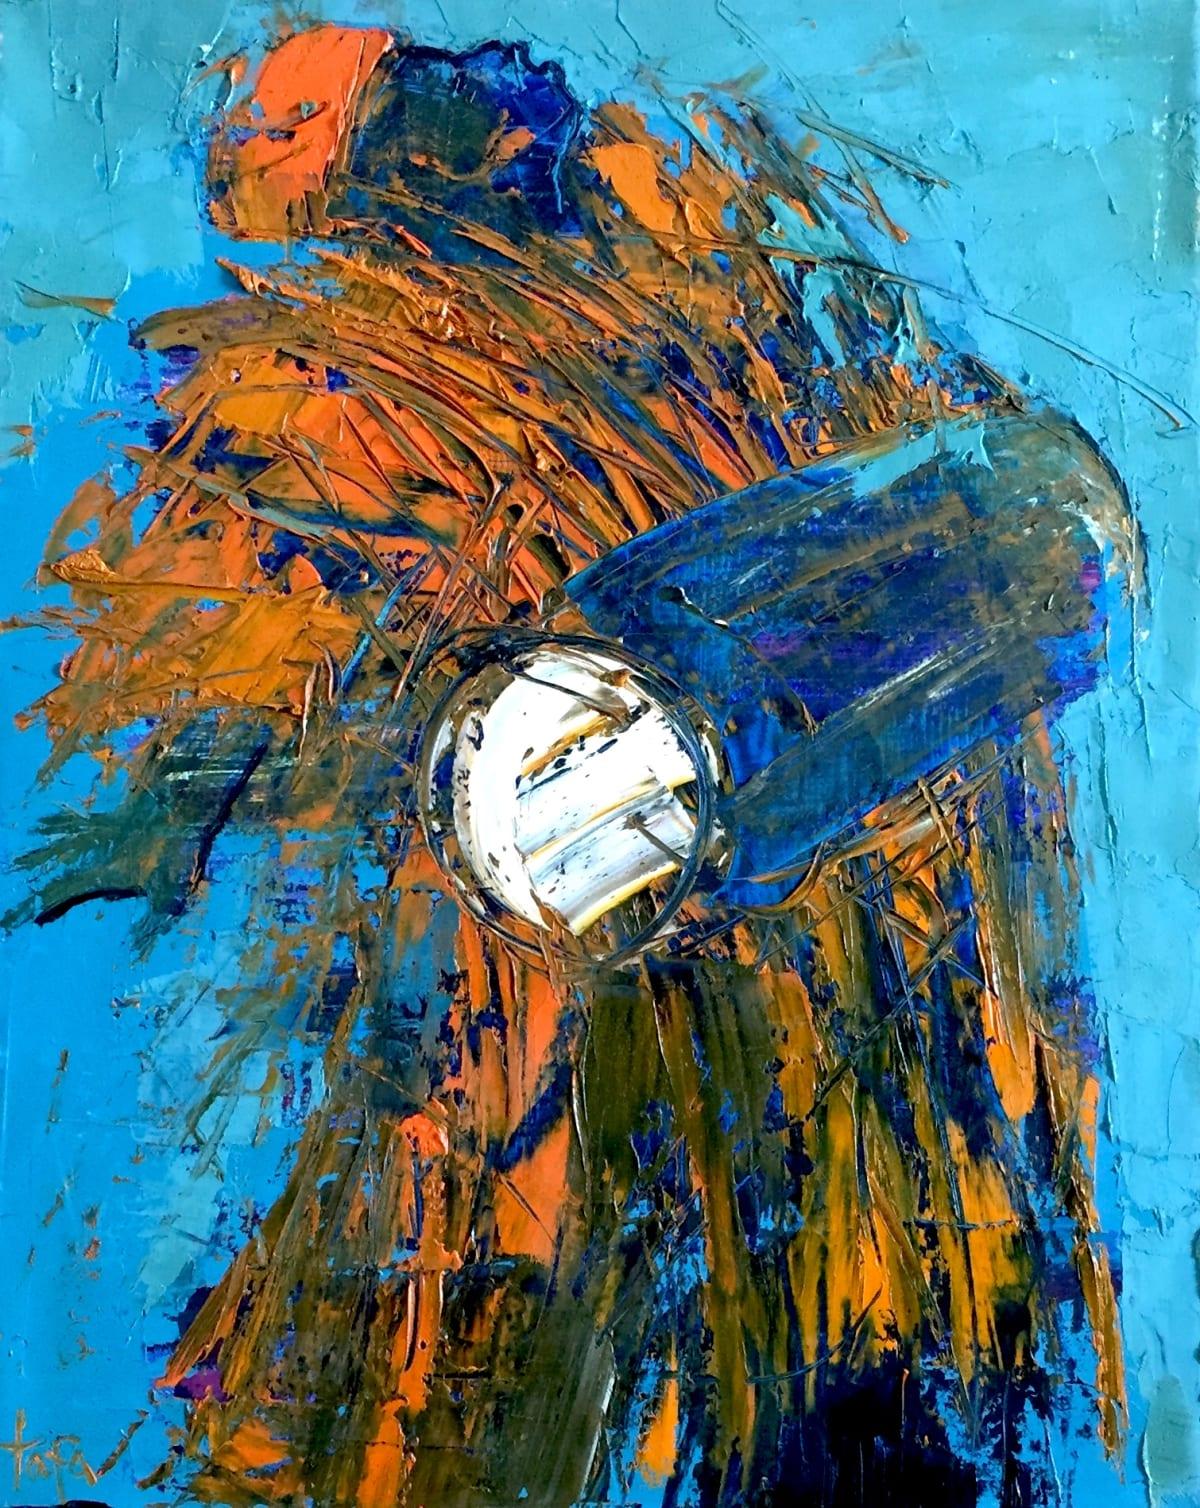 TAFA Drummer, Yellow, 2004.0 Oil on Canvas 20 x 16